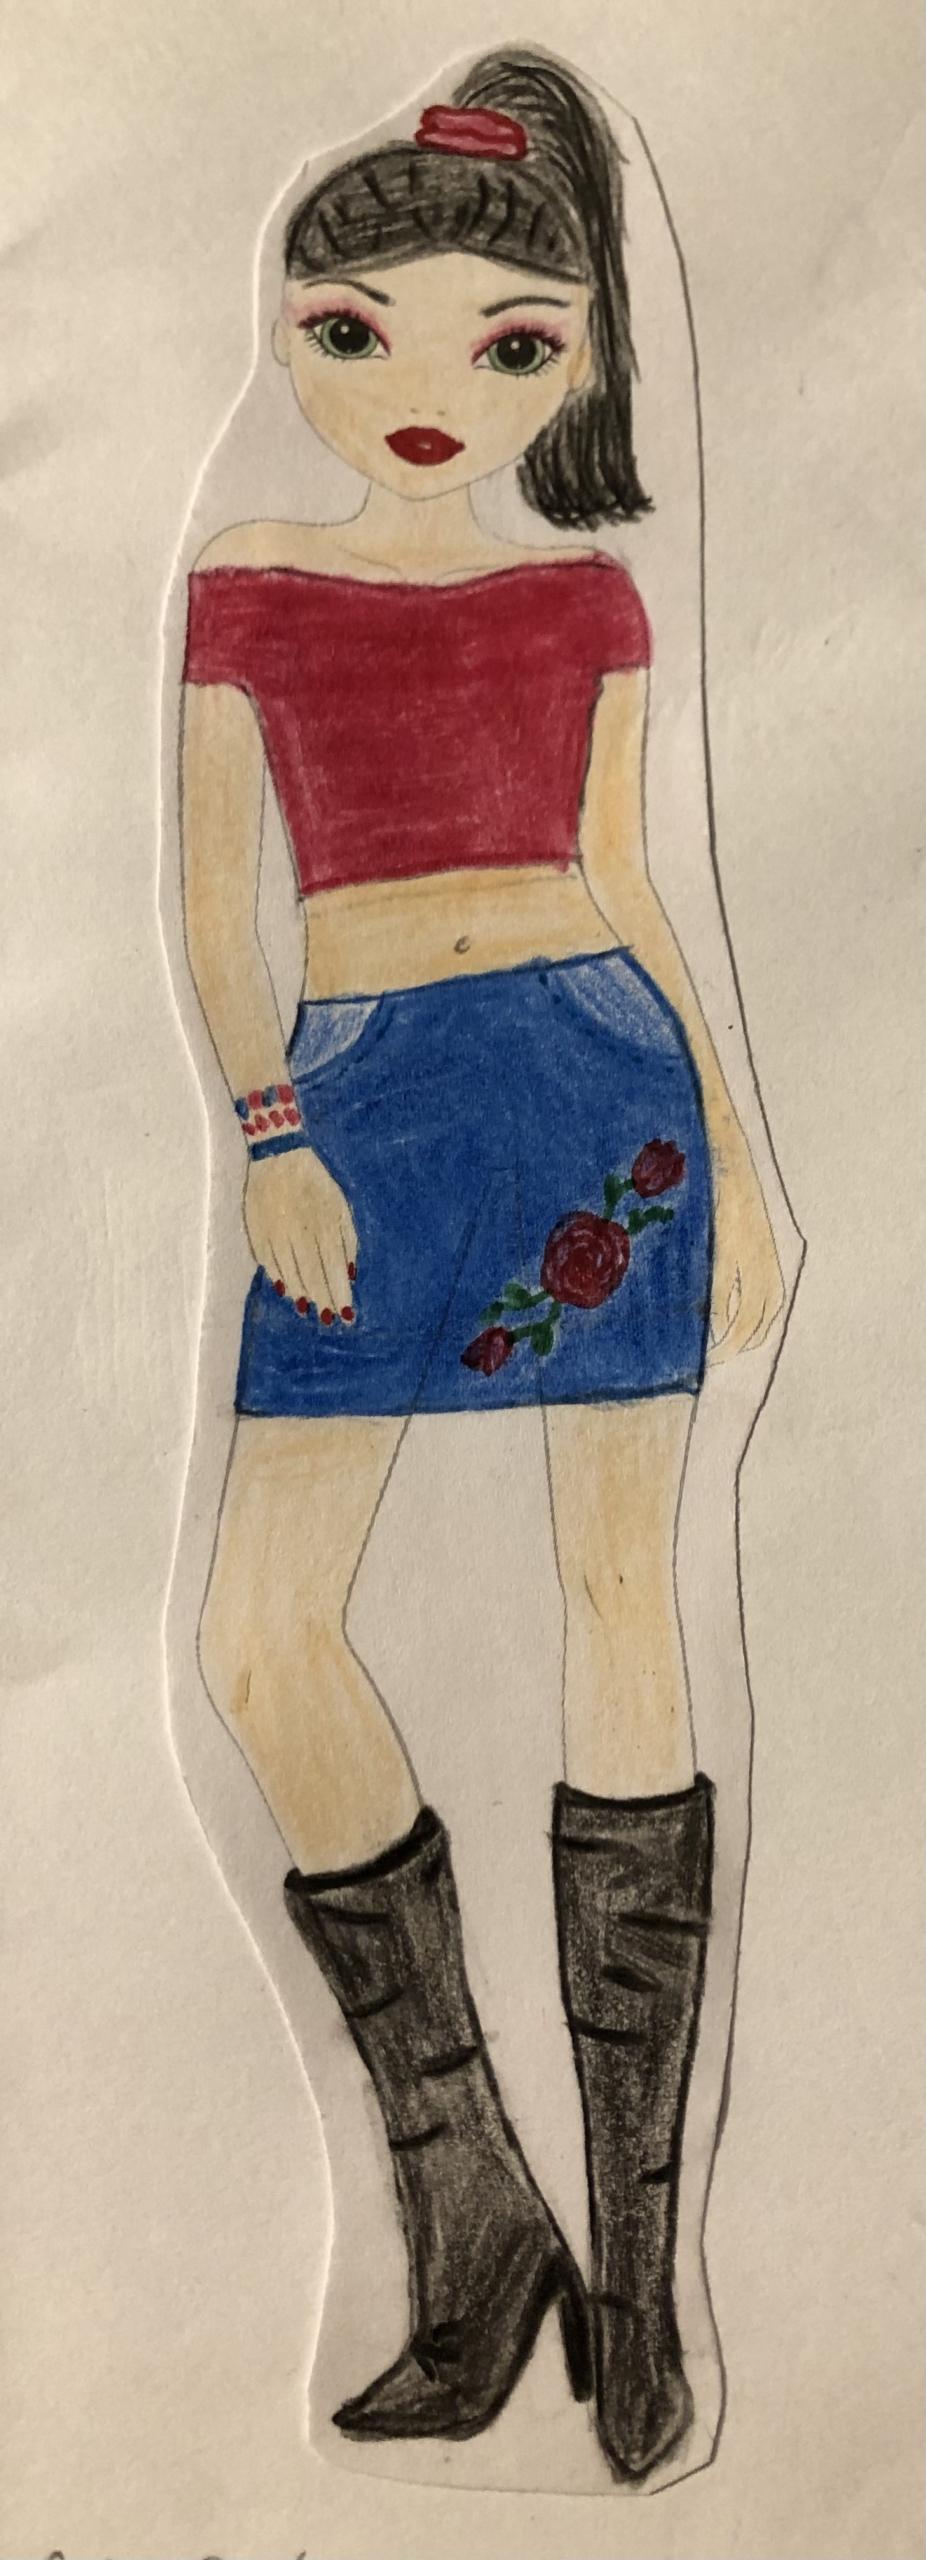 Clara B., 11 Jahre, aus München